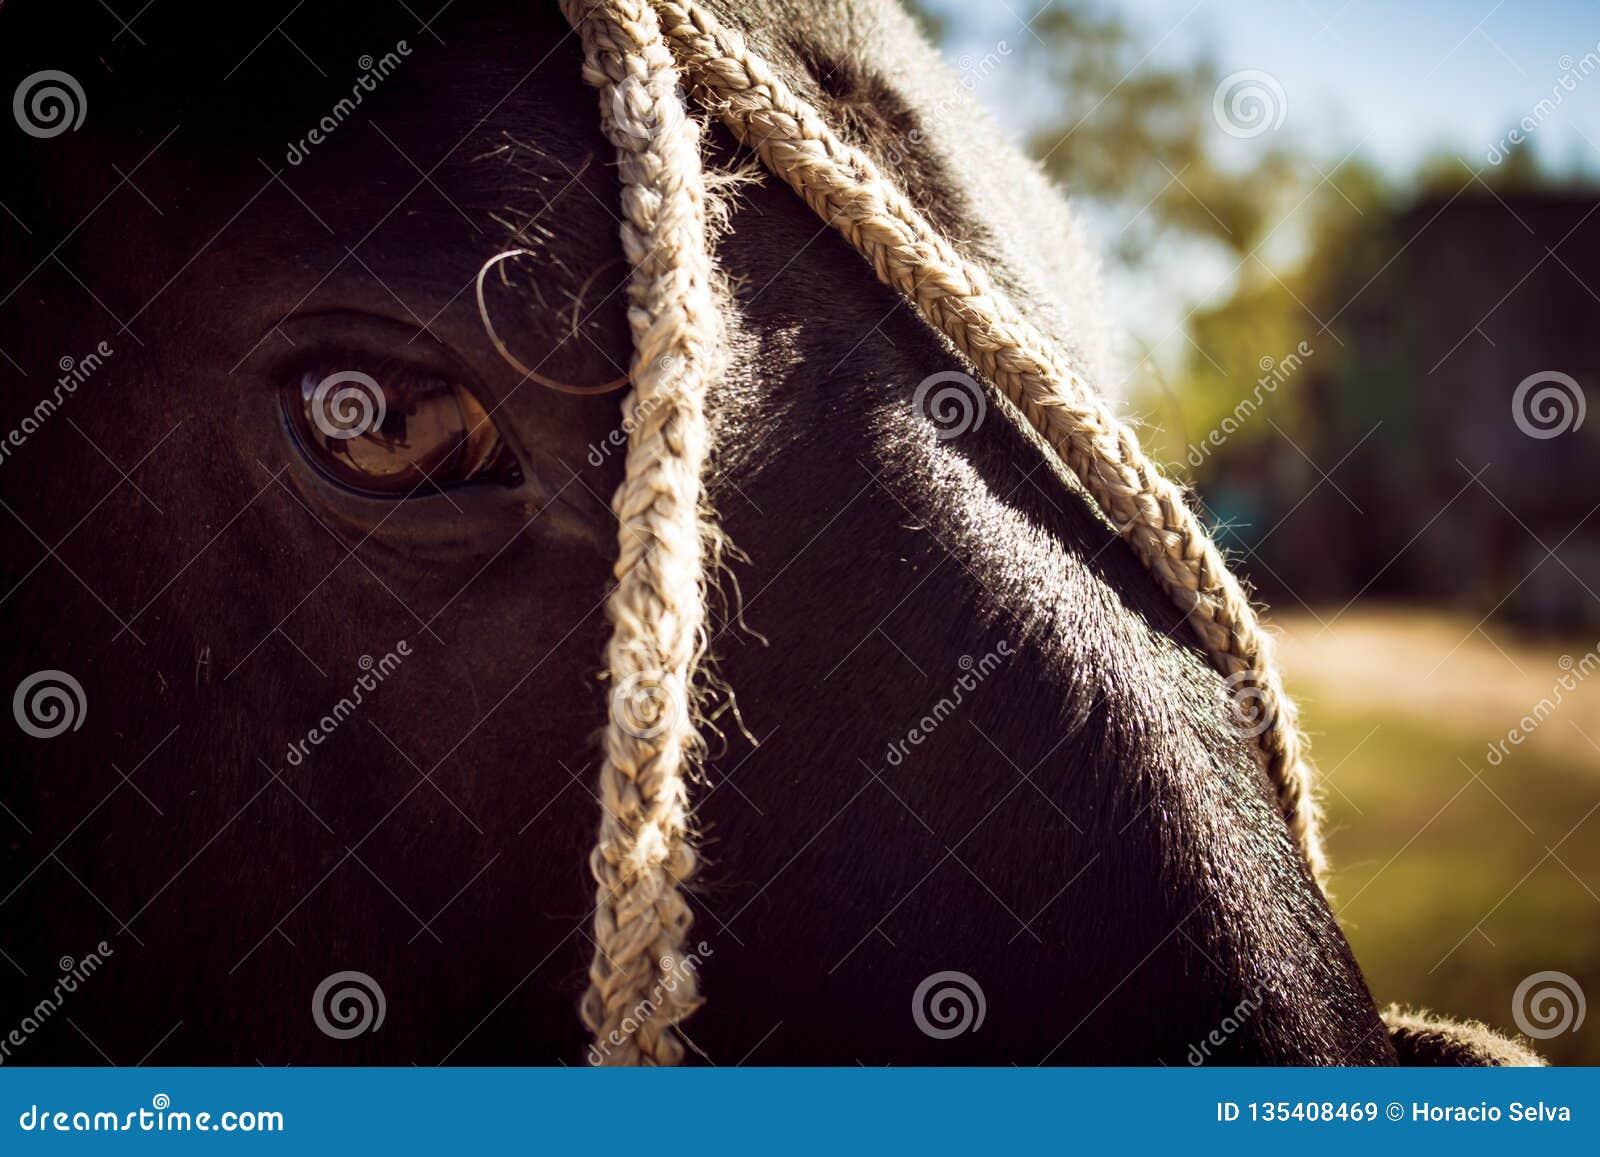 Προσέγγιση του κεφαλιού ενός μαύρου αλόγου που δένεται με τα σχοινιά